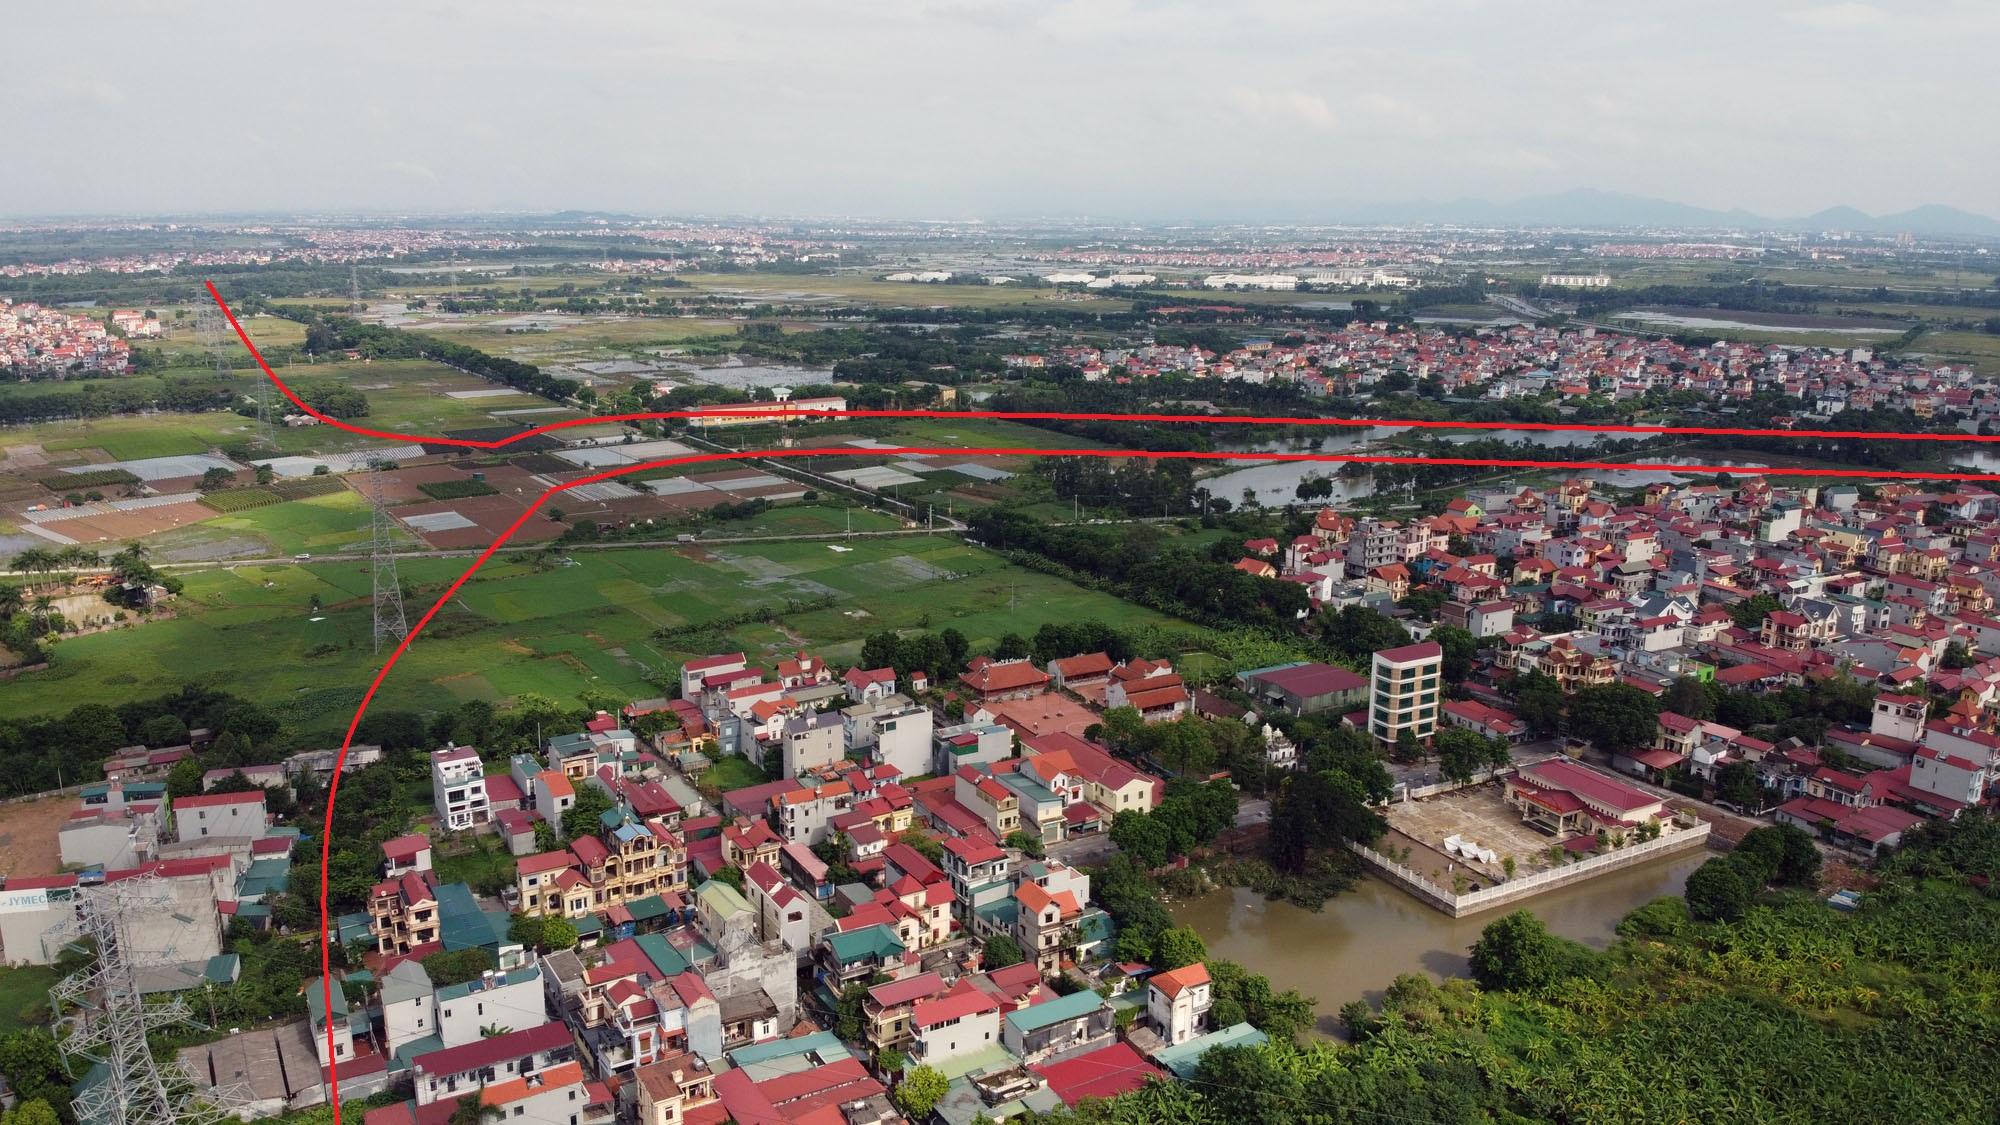 Ba đường sẽ mở theo qui hoạch ở xã Đại Mạch, Đông Anh, Hà Nội - Ảnh 5.